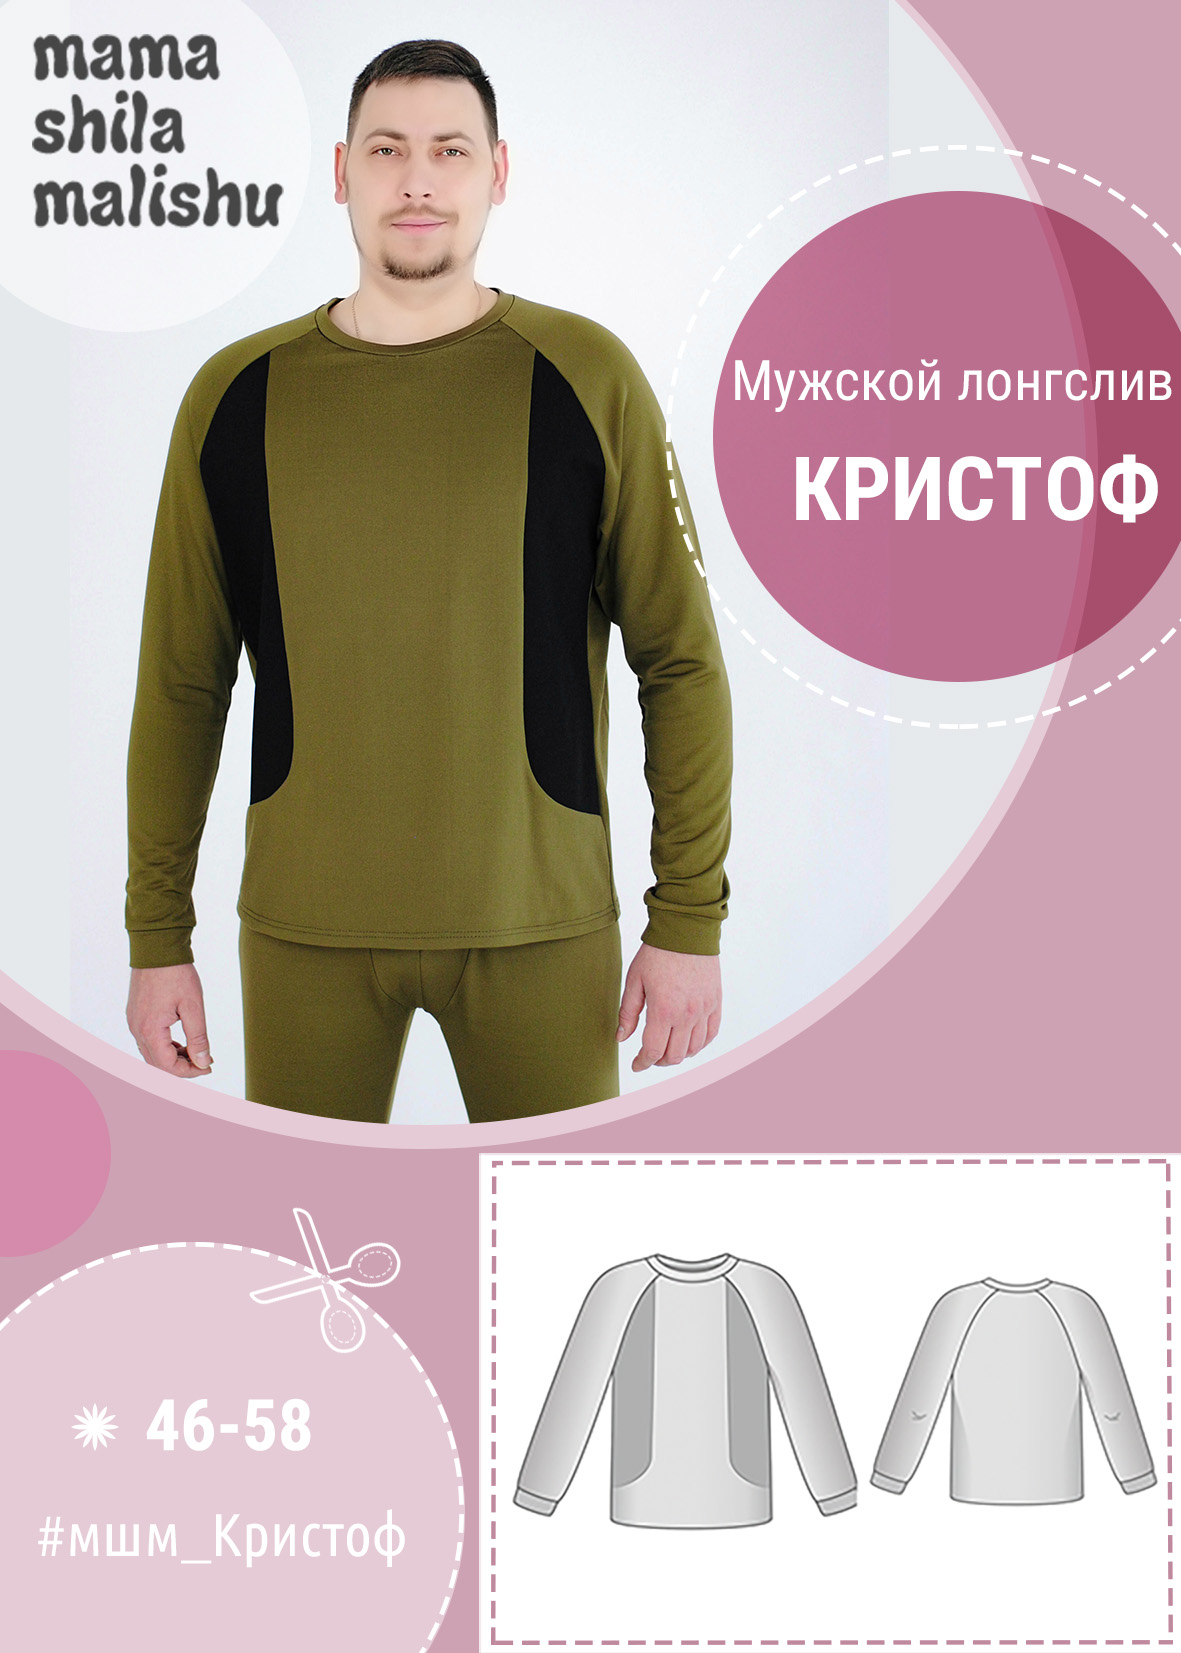 """Мужской лонгслив """"Кристоф"""""""